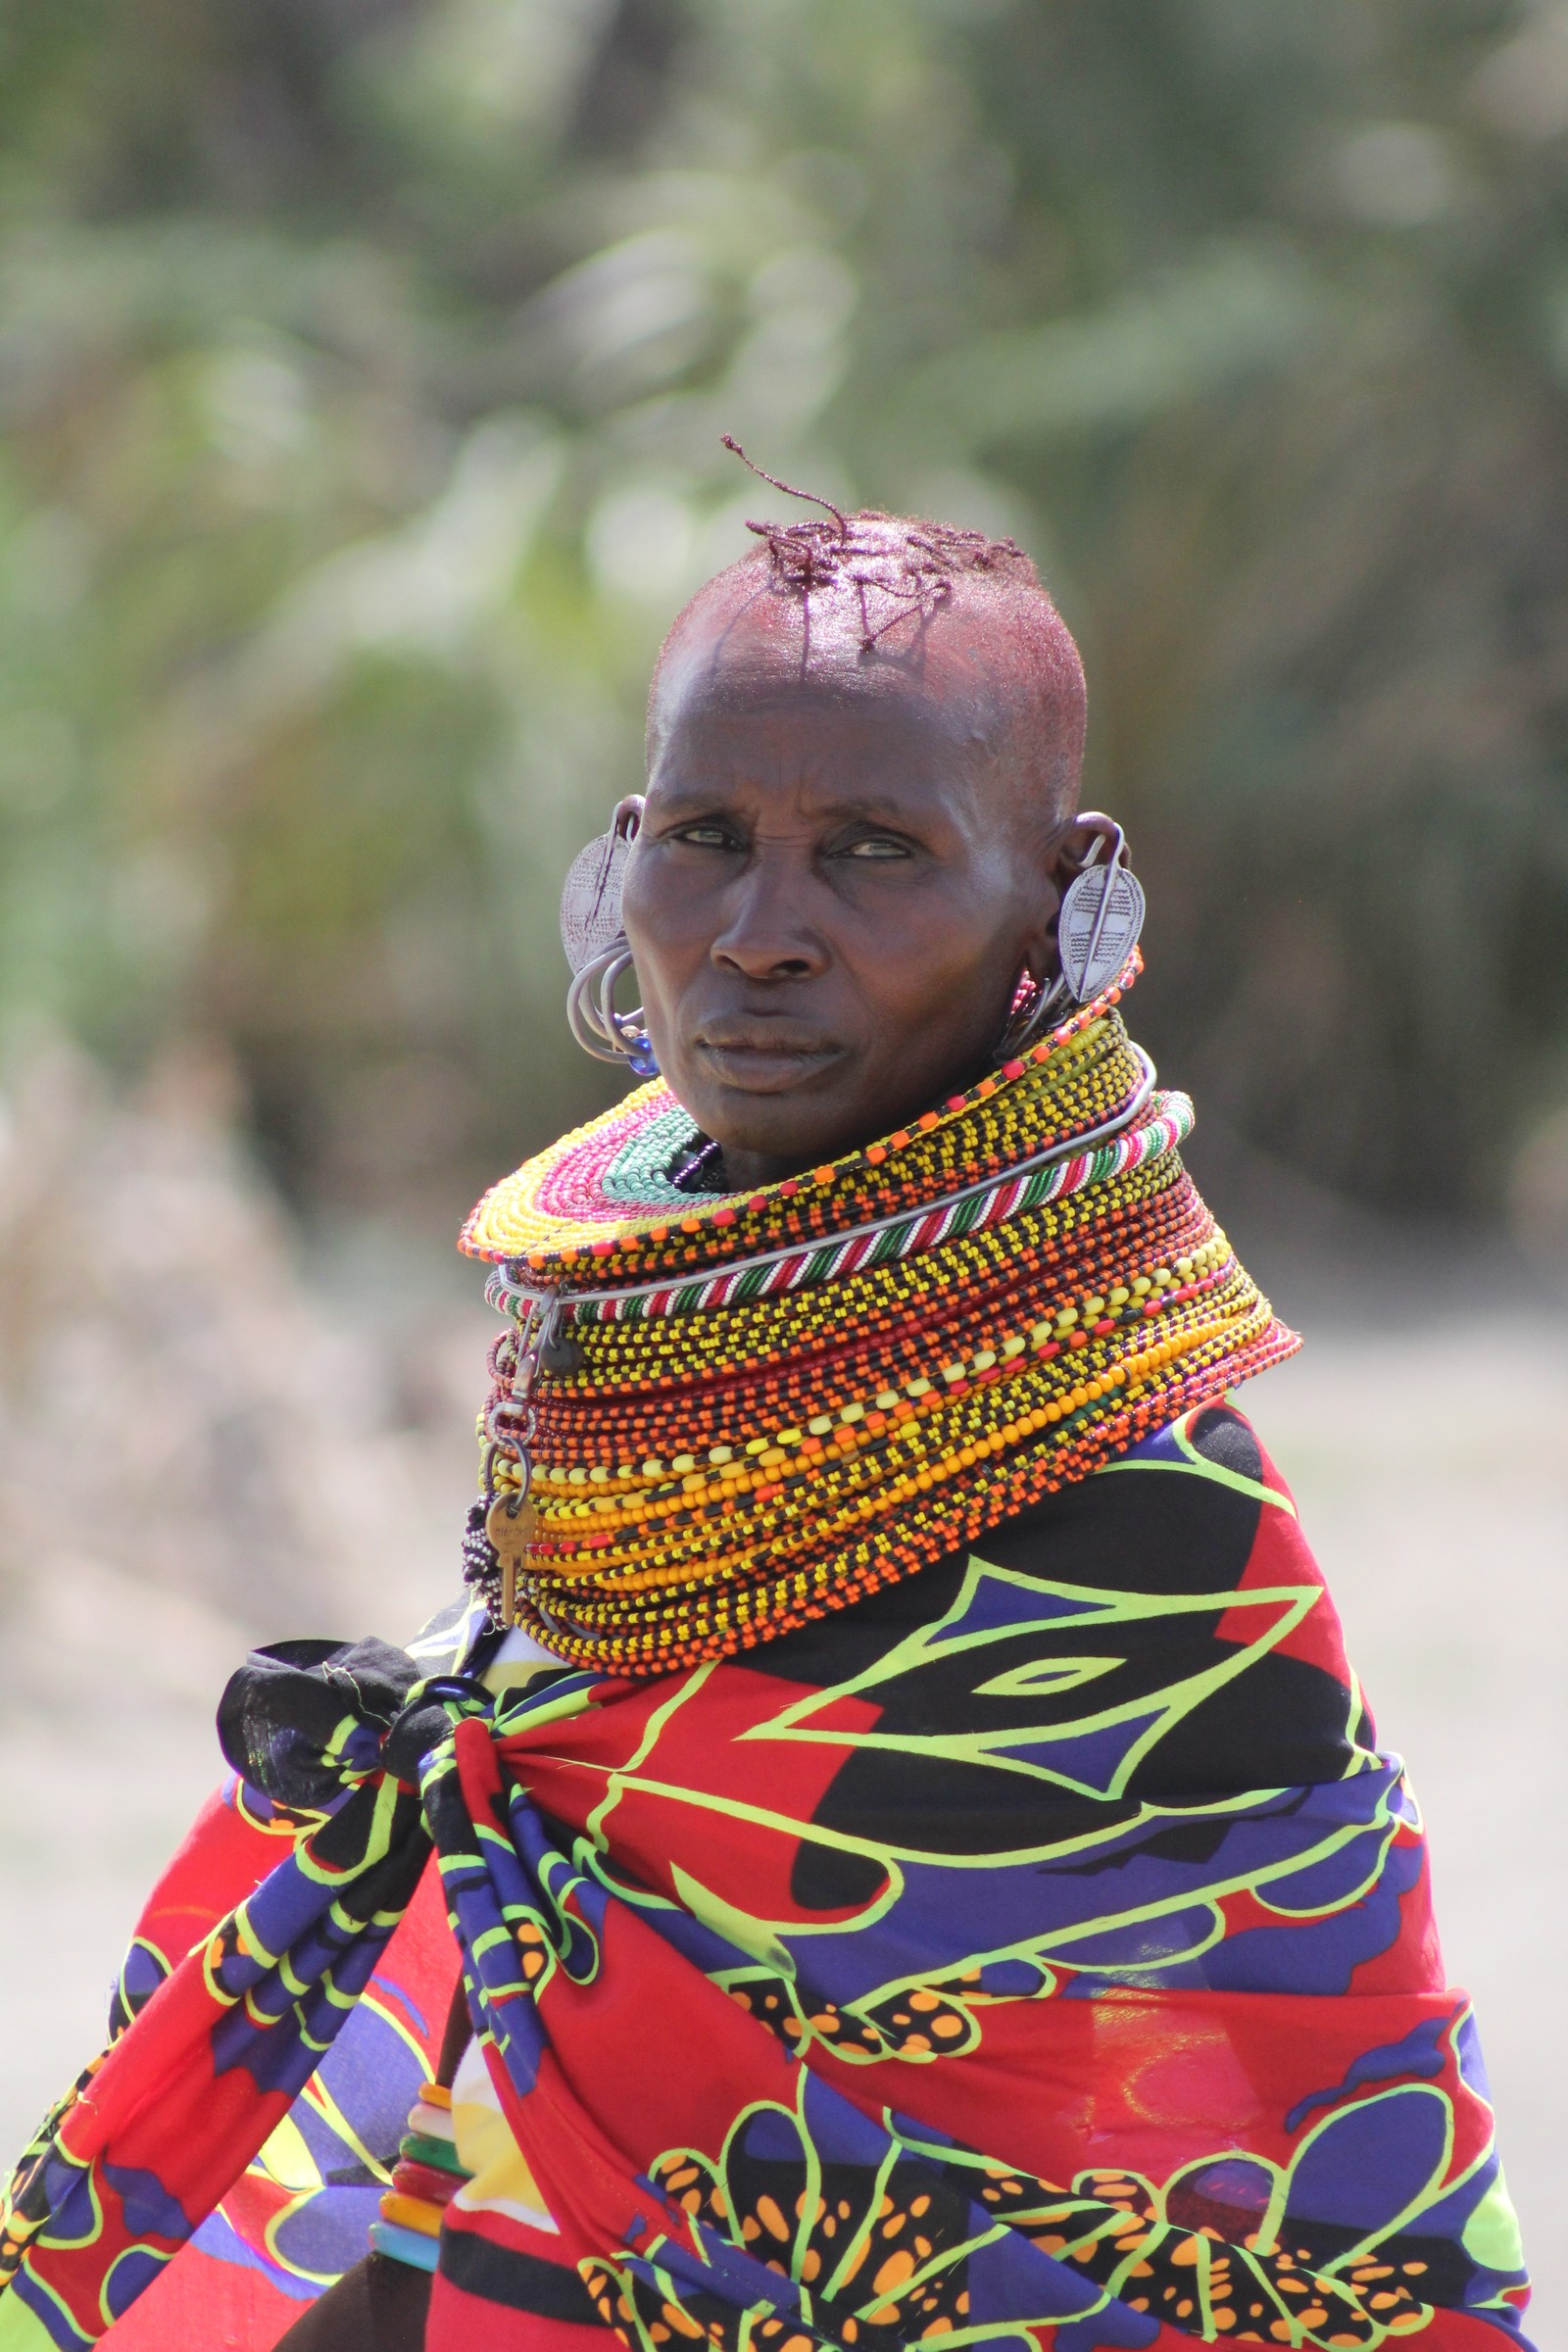 Turkana-kvinne på kulturfestival.